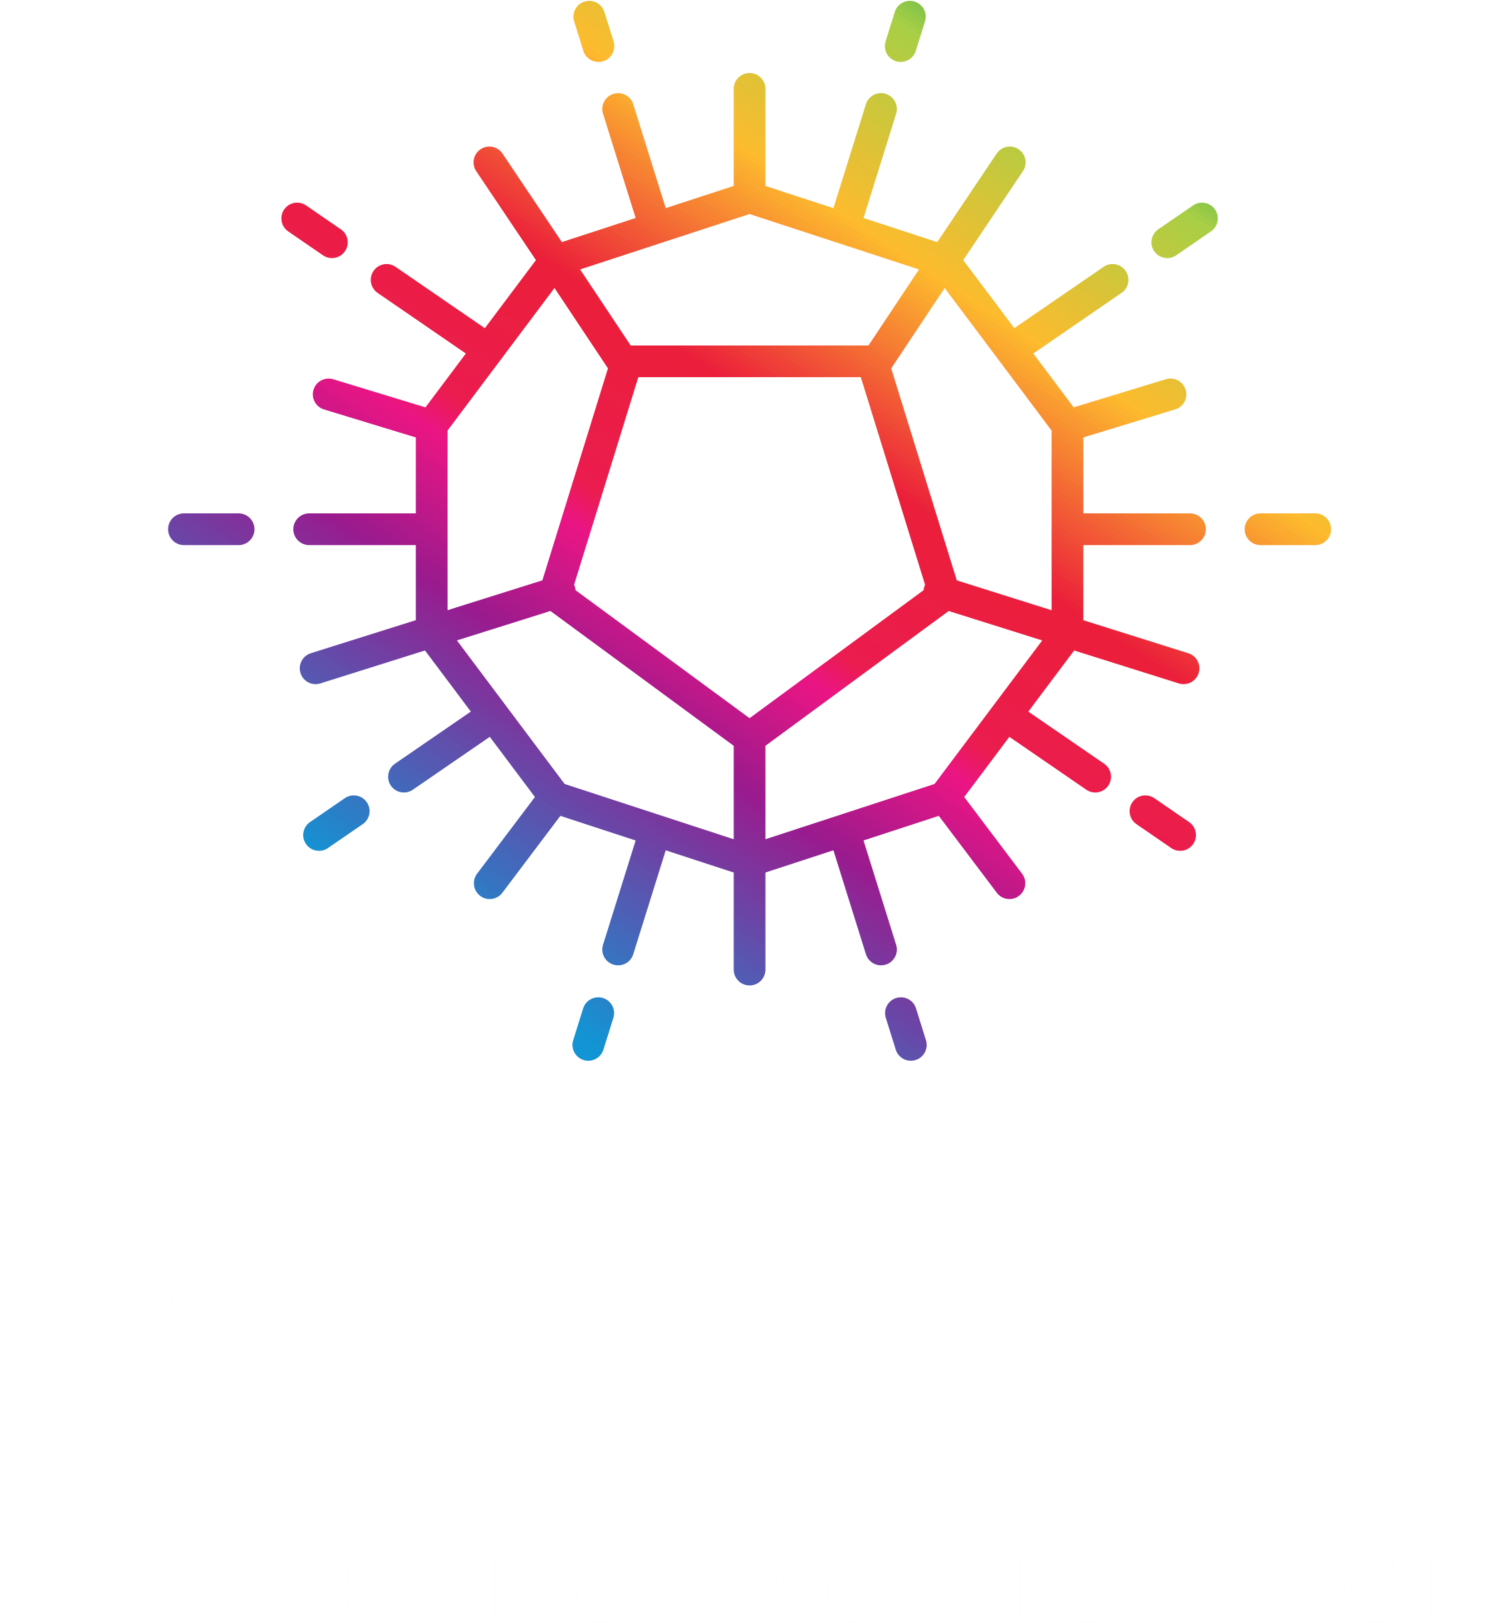 www.pixels-dice.com